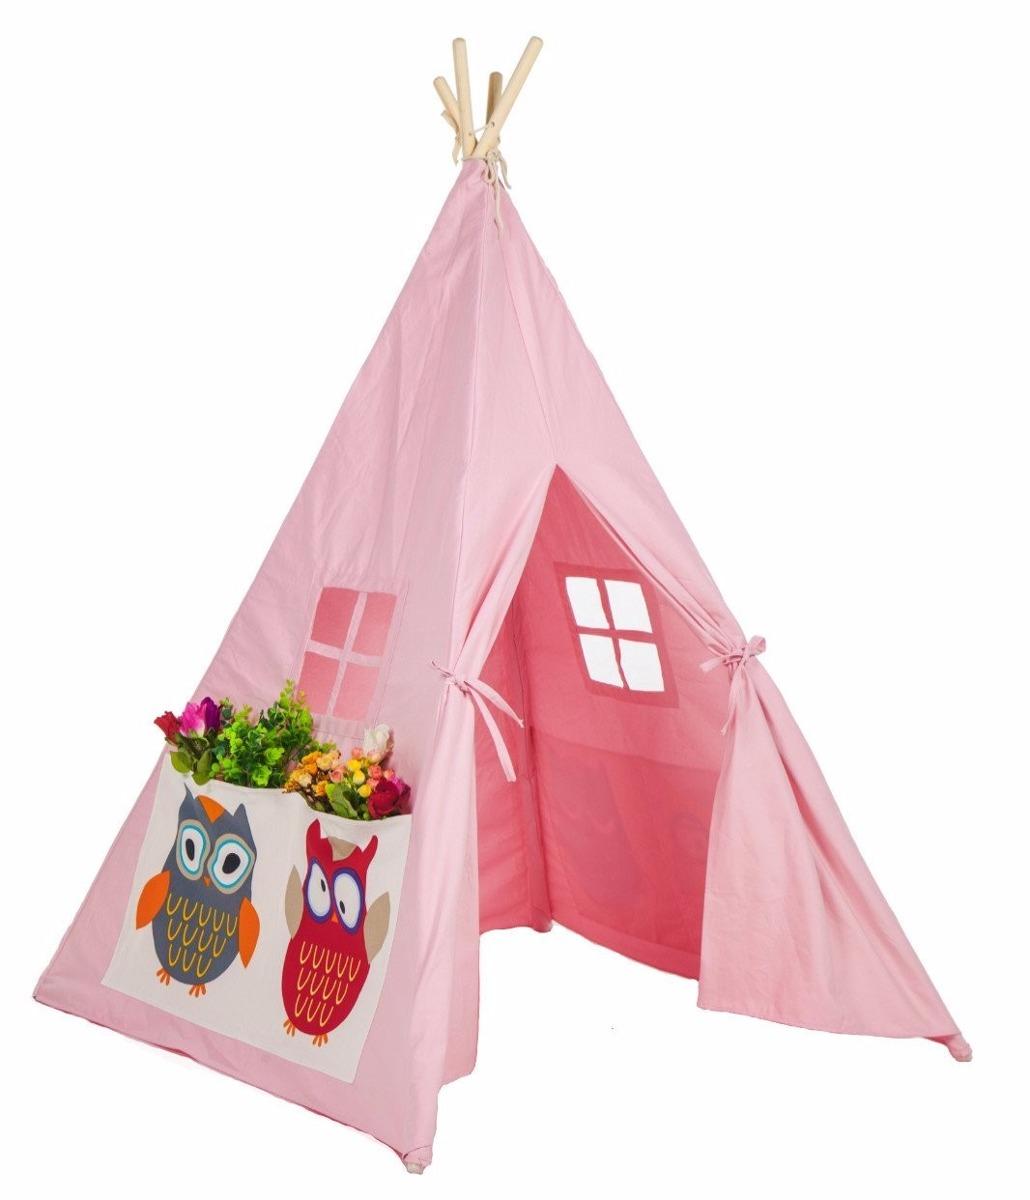 Casita de tela para ni os lubber rosa con buhos - Casitas de tela para ninos imaginarium ...